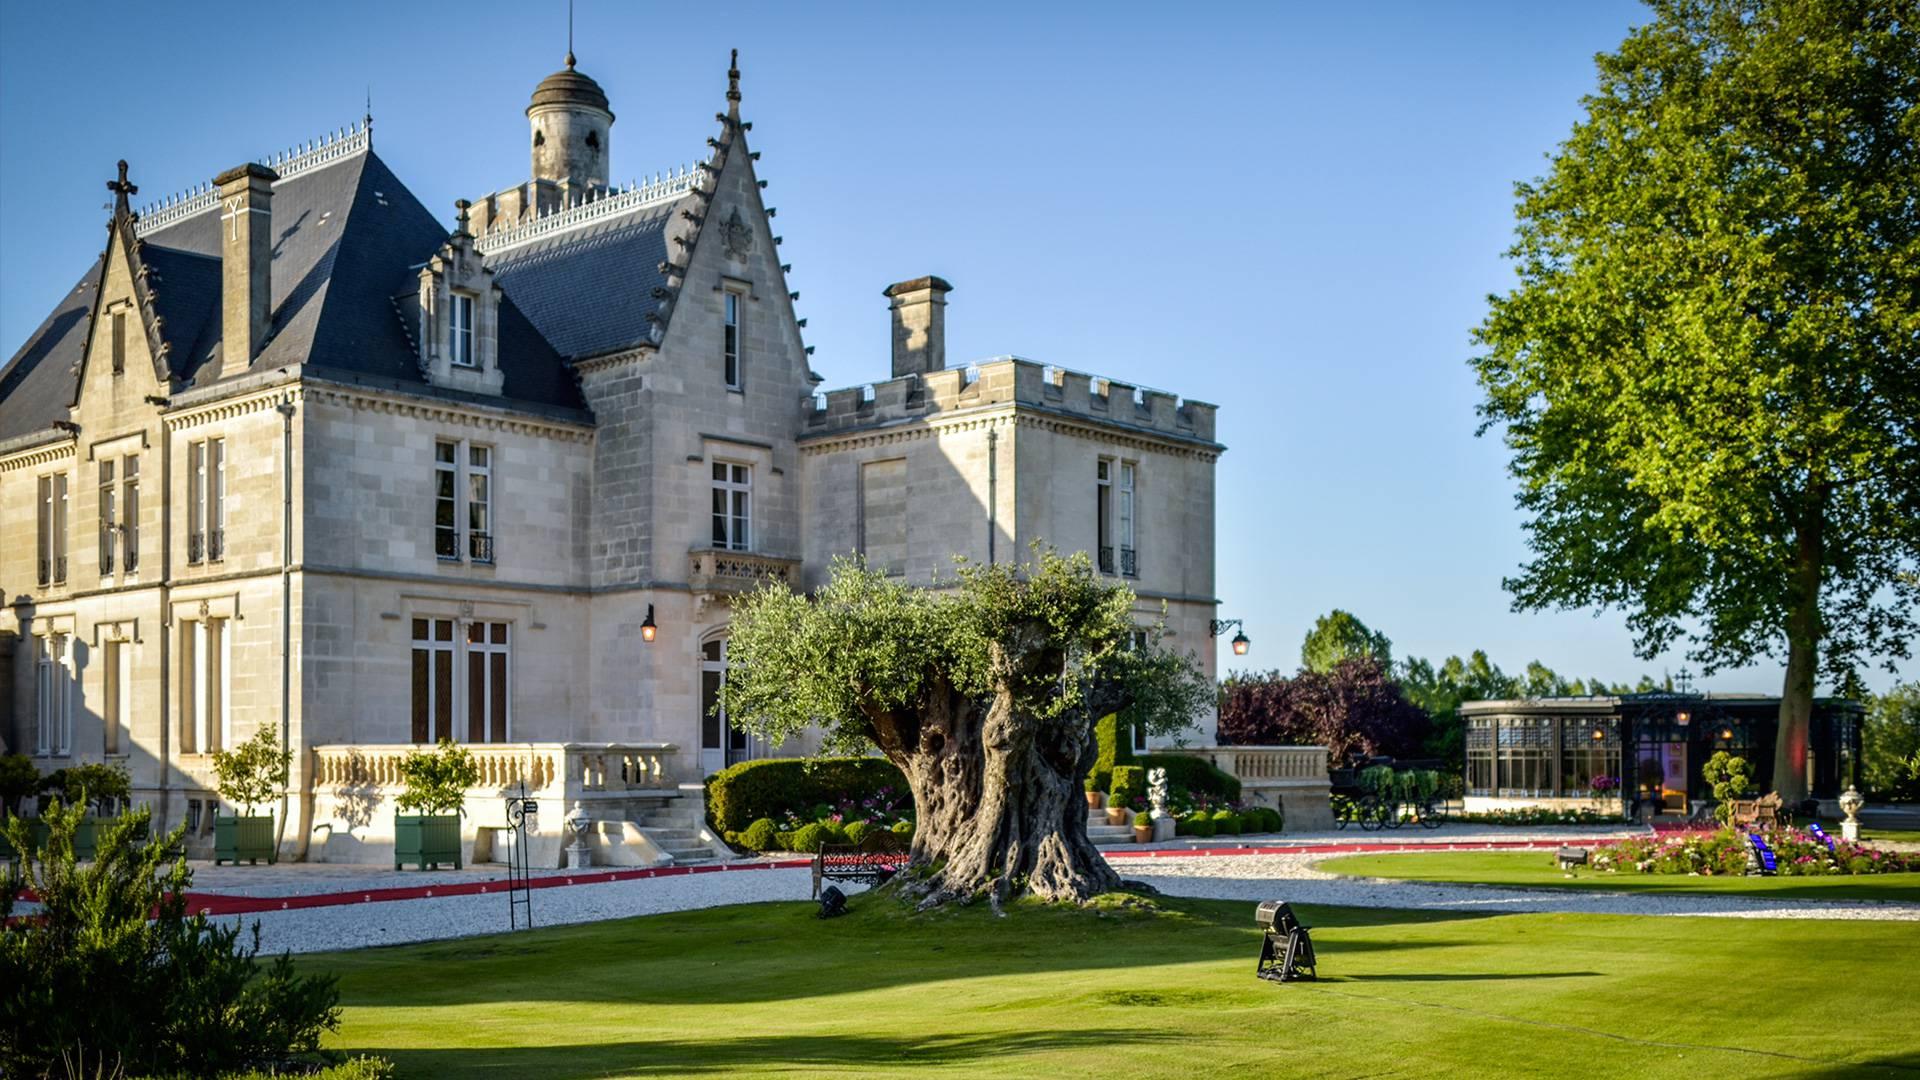 Chateau du Pape